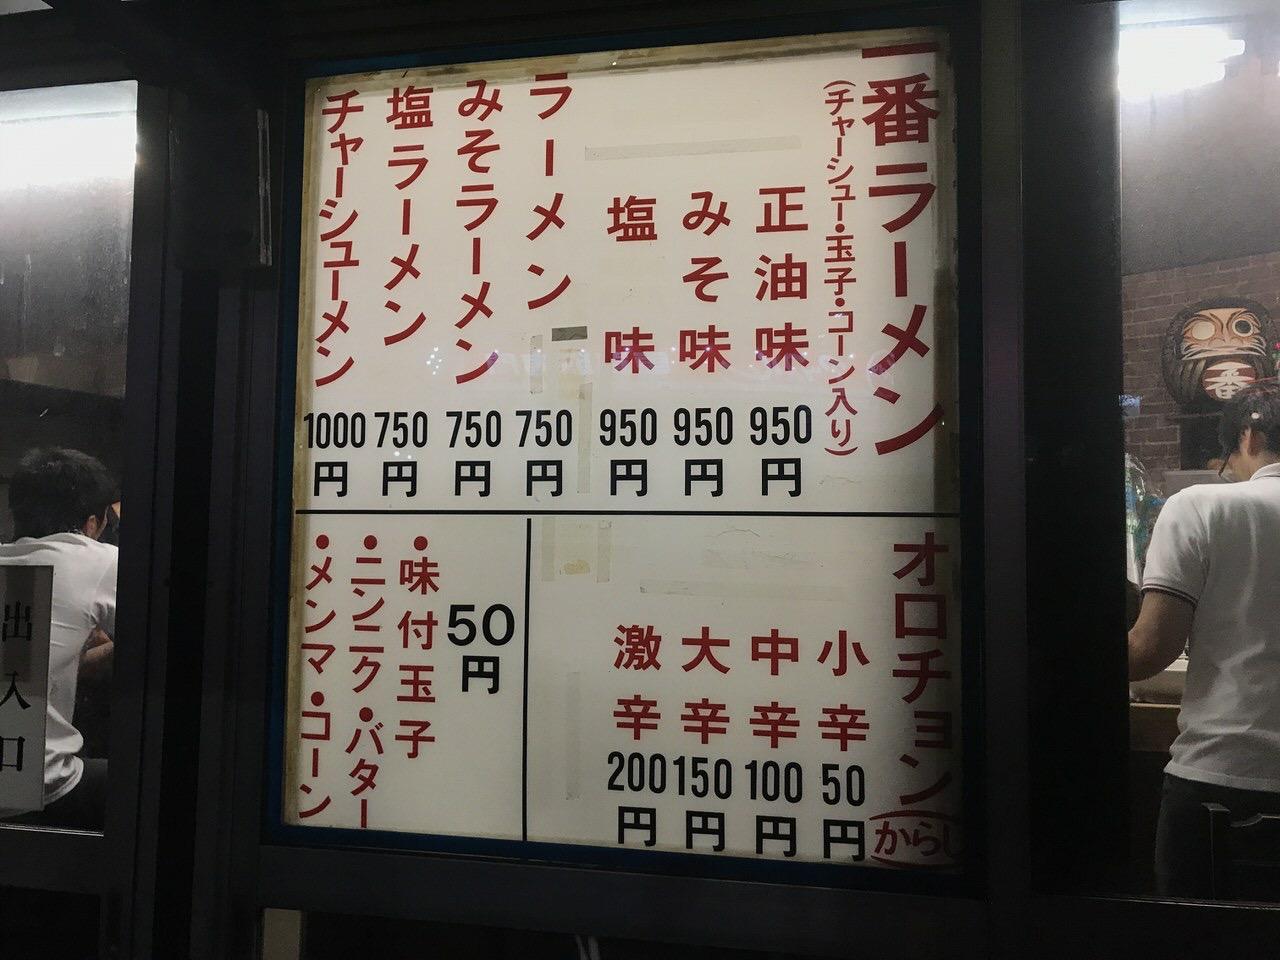 【環七】「ラーメン一番」3